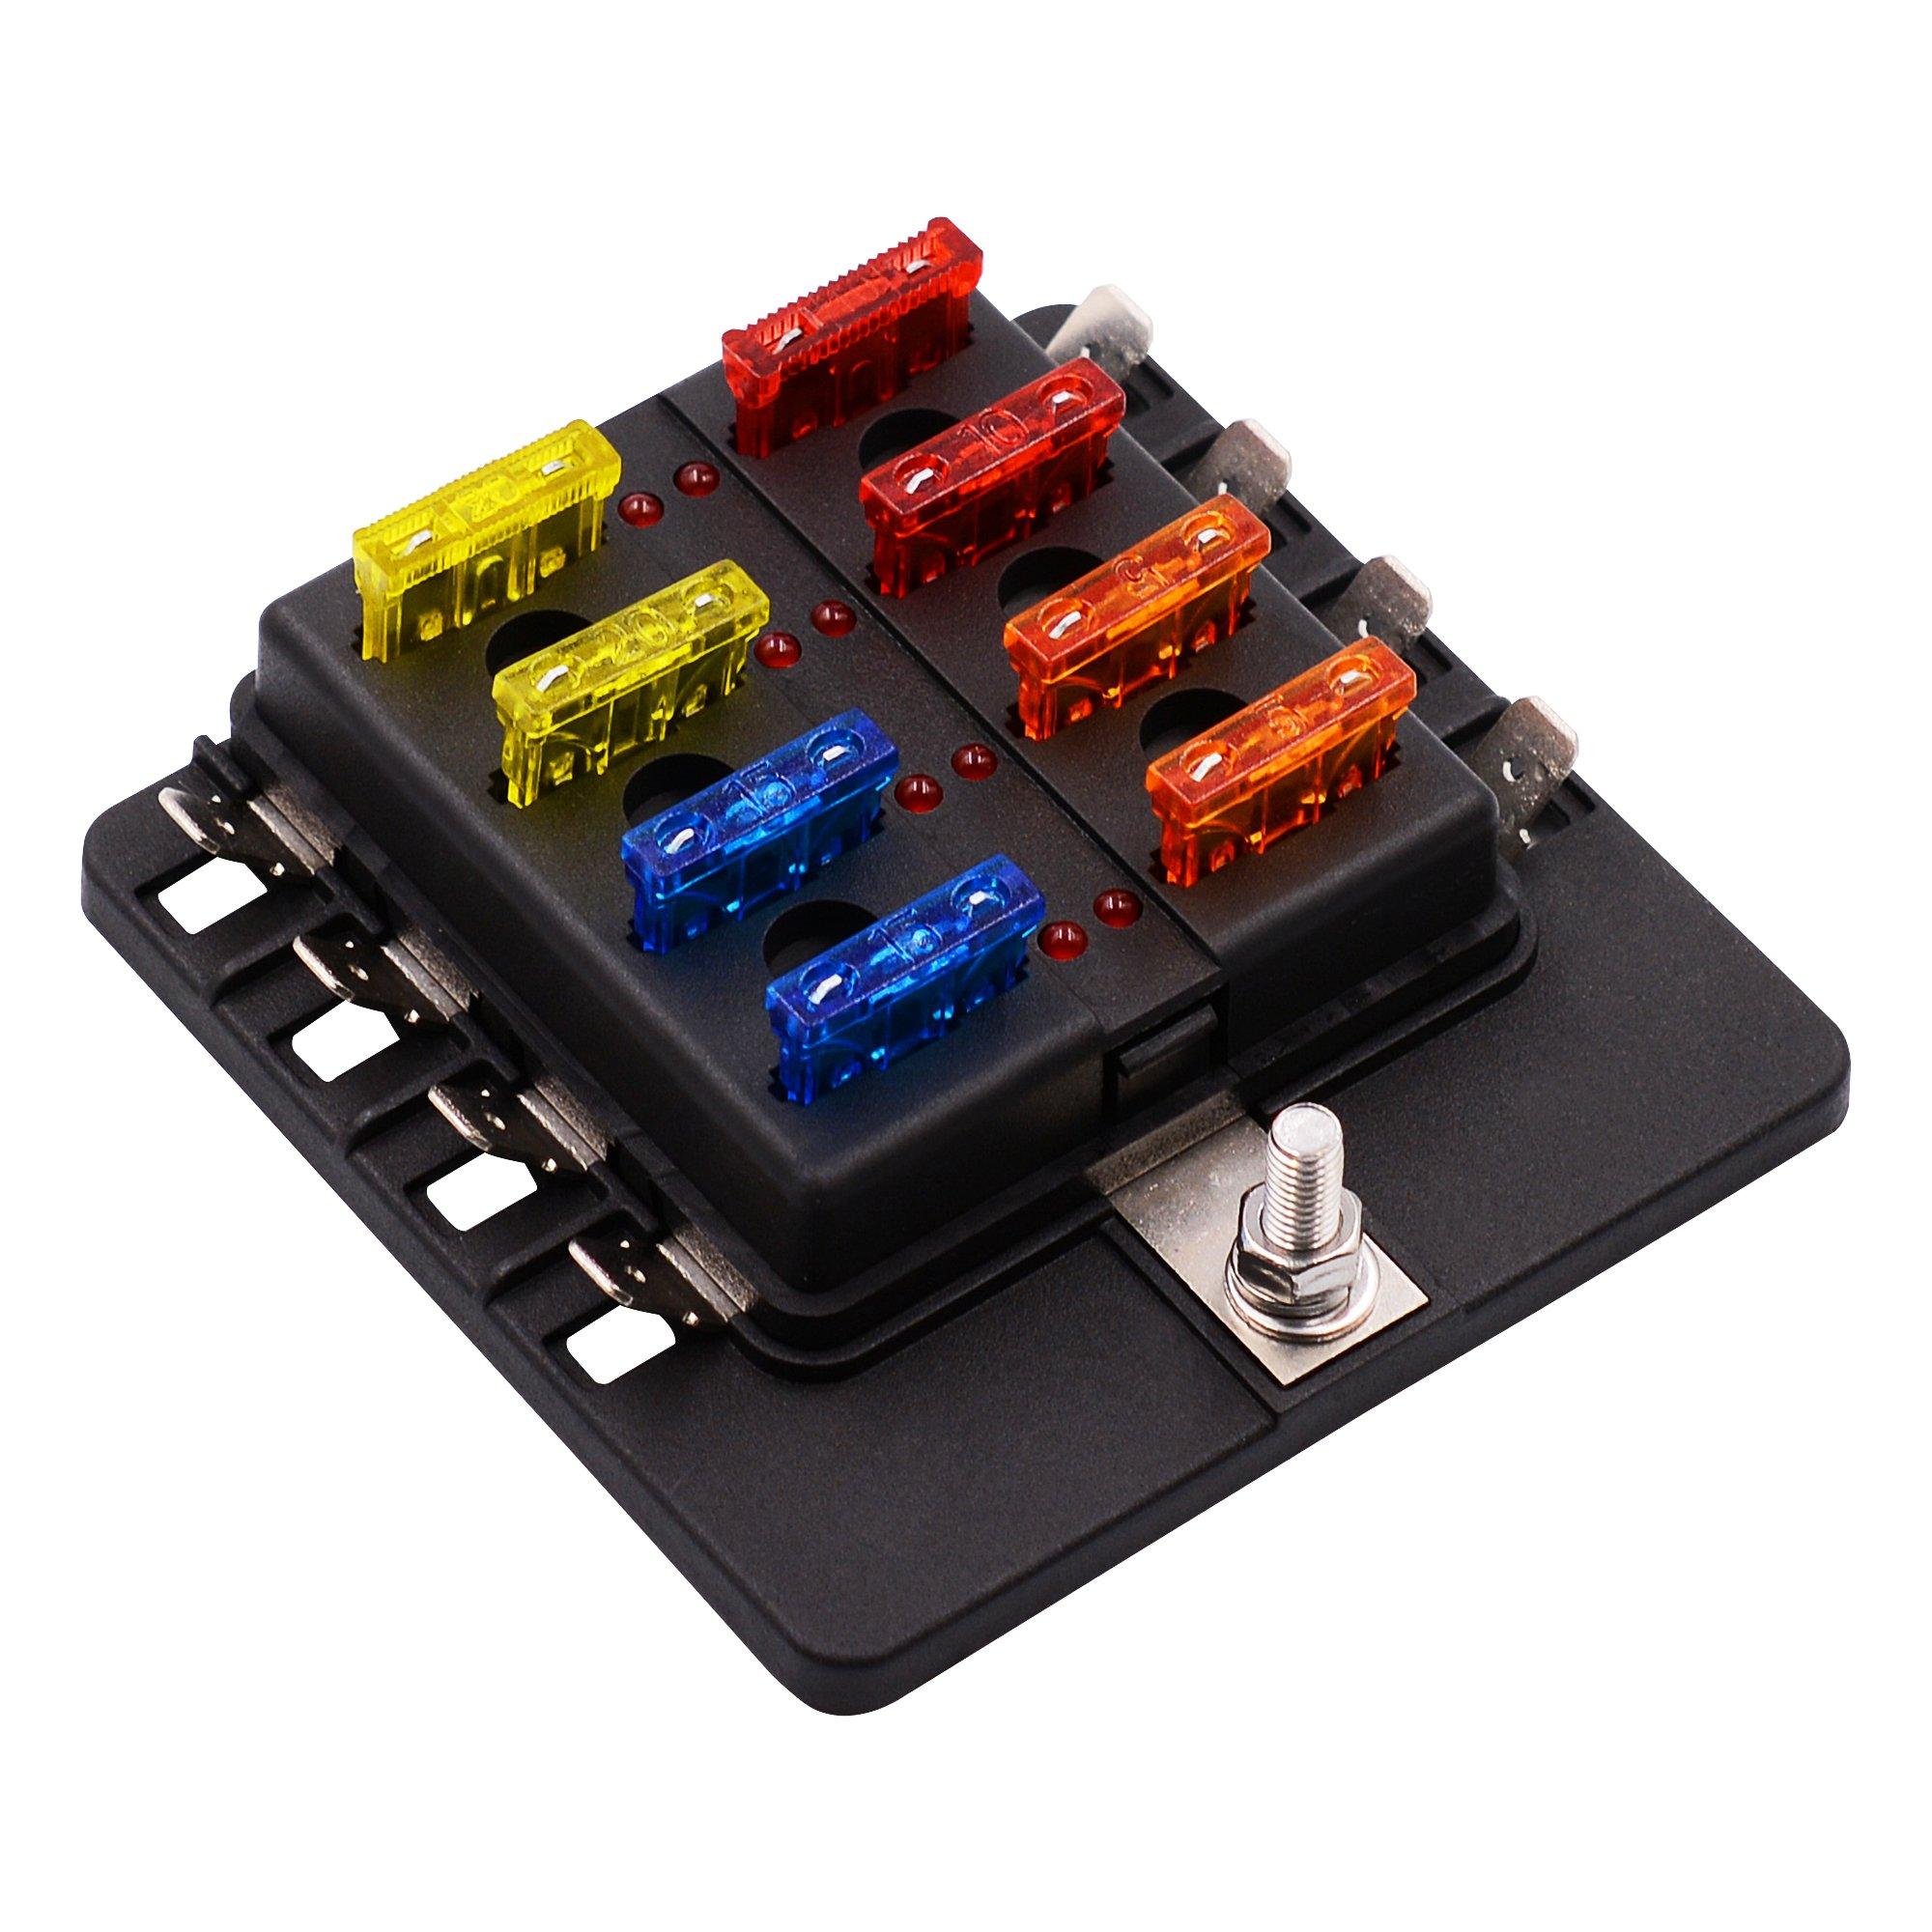 BlueFire 8-Way 30A 32V Blade Fuse Box with 16PCS Fuse + LED Warning Light